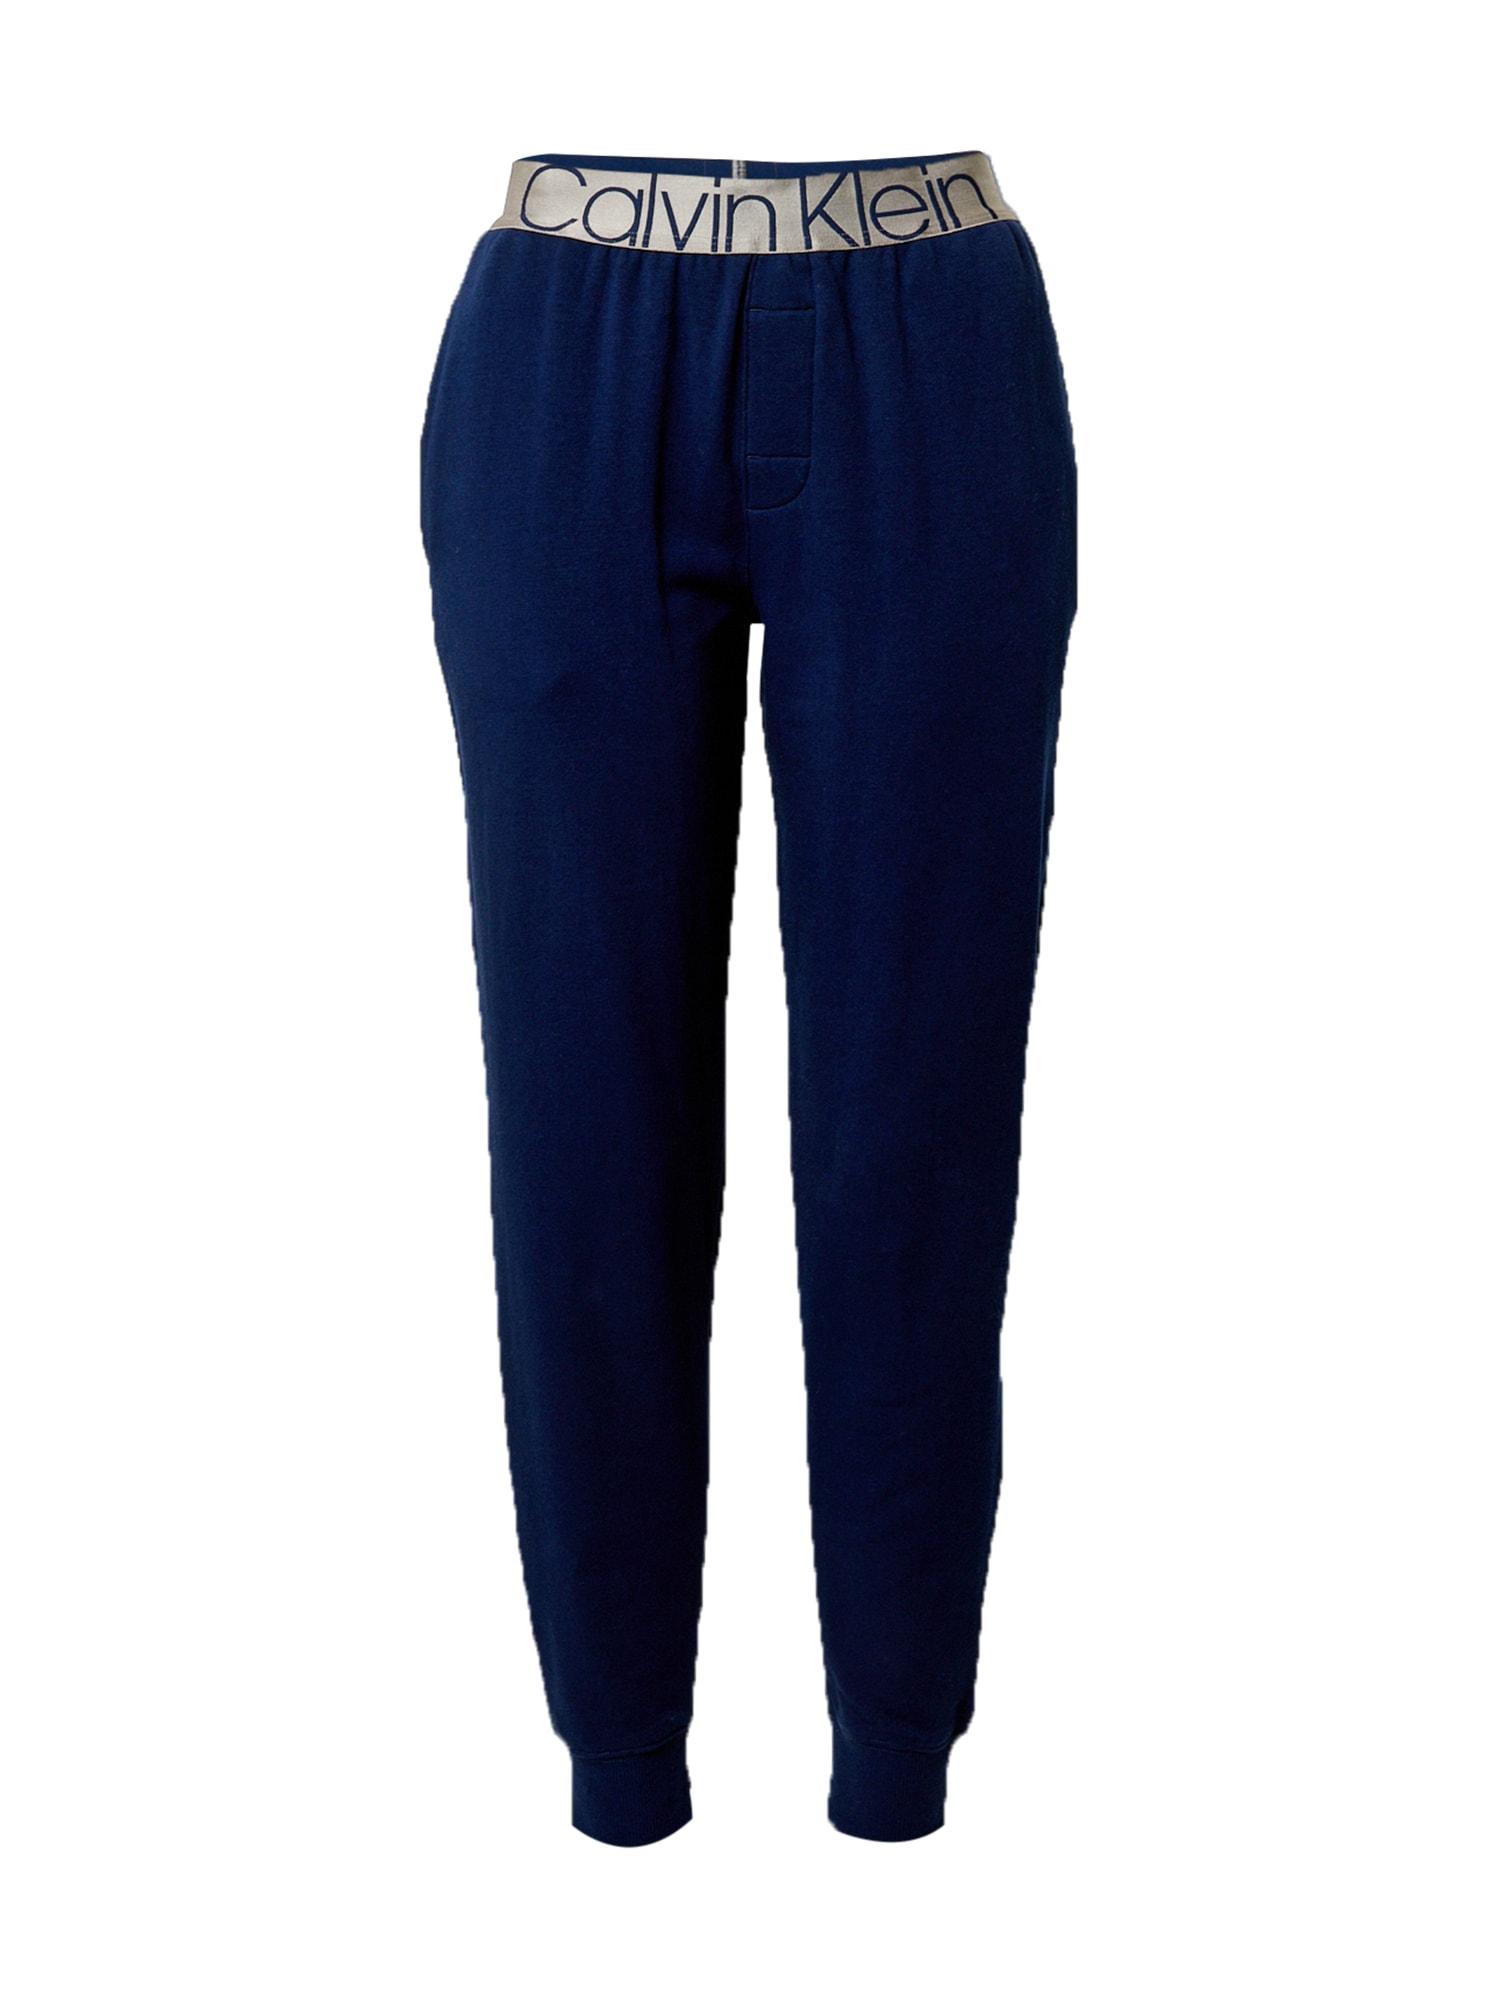 Calvin Klein Underwear Pižaminės kelnės tamsiai mėlyna / sidabrinė